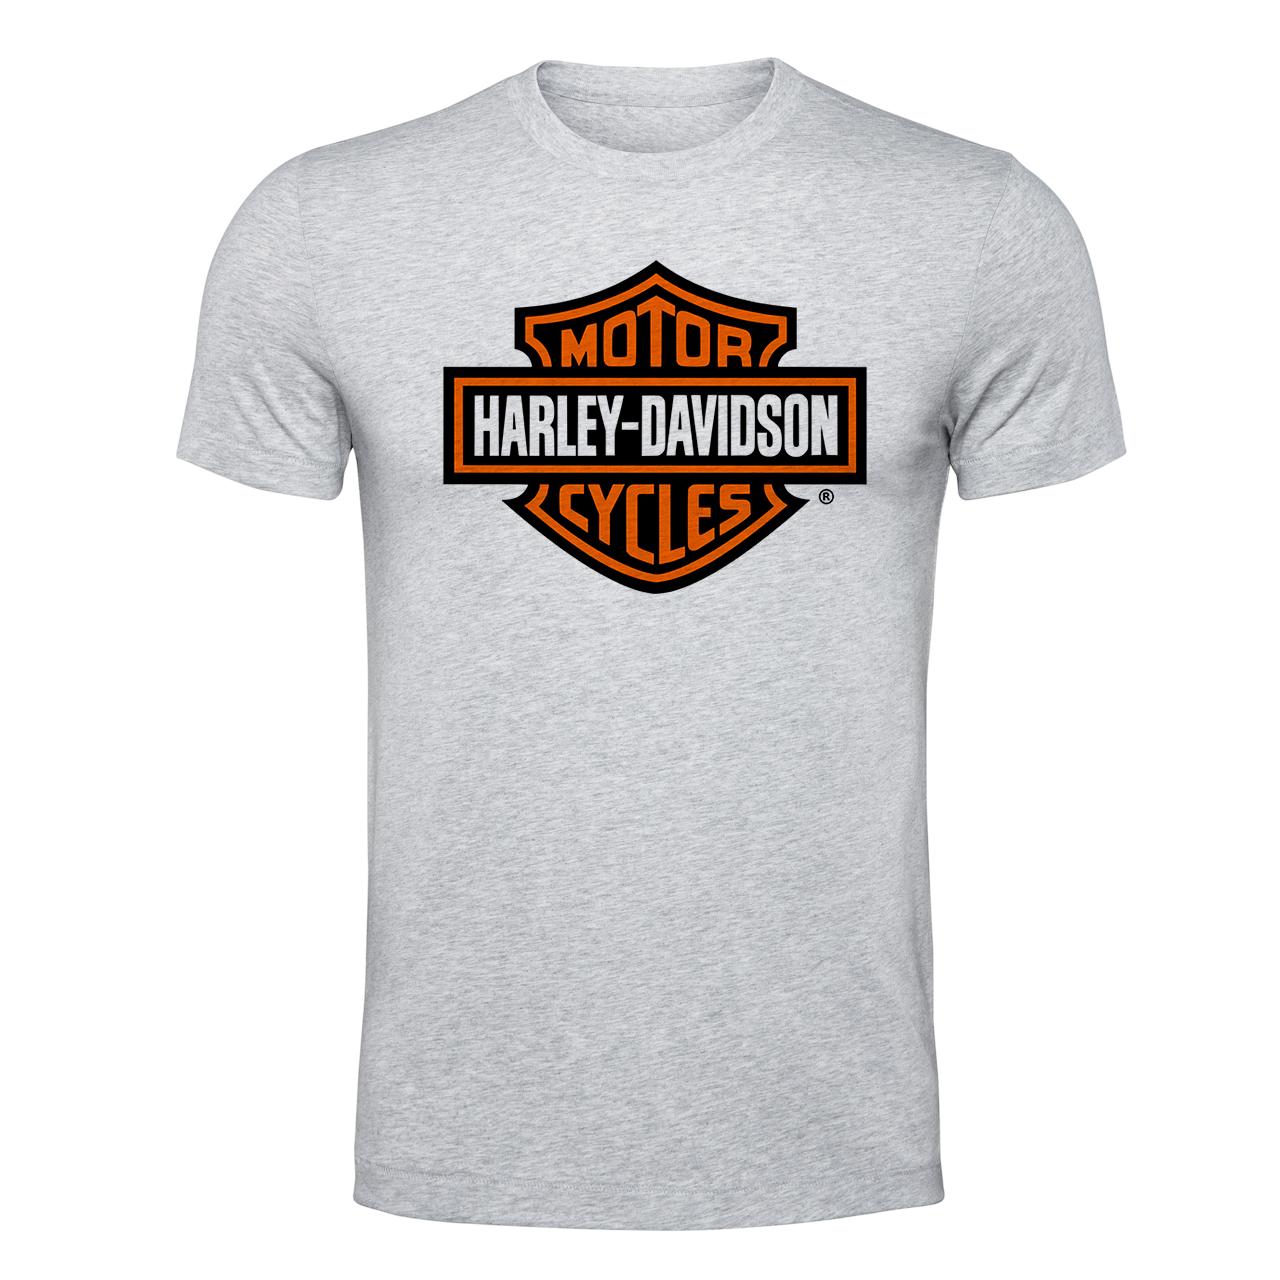 تیشرت مردانه طرح هارلی دیویدسون کد EML365